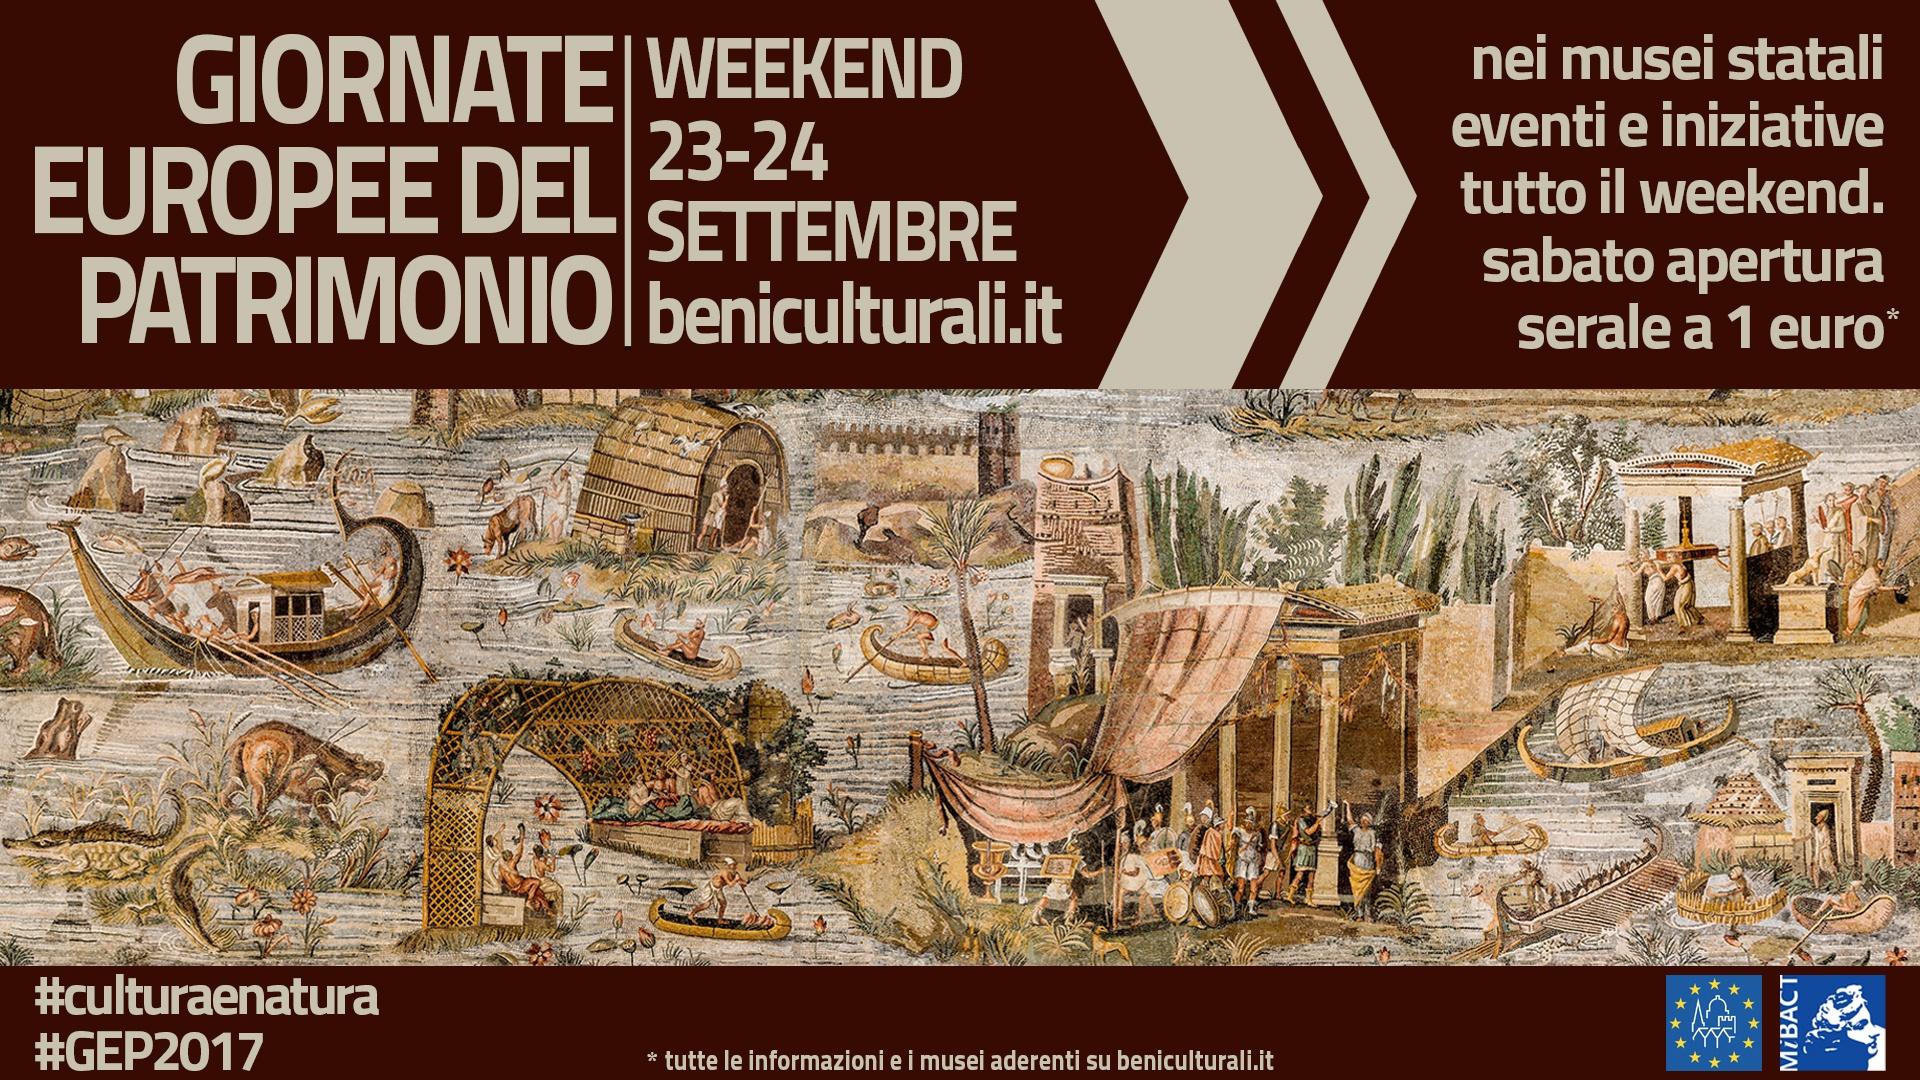 Sabato 23 e domenica 24 settembre appuntamenti speciali con tanti luoghi d'arte e cultura per l'iniziativa europea